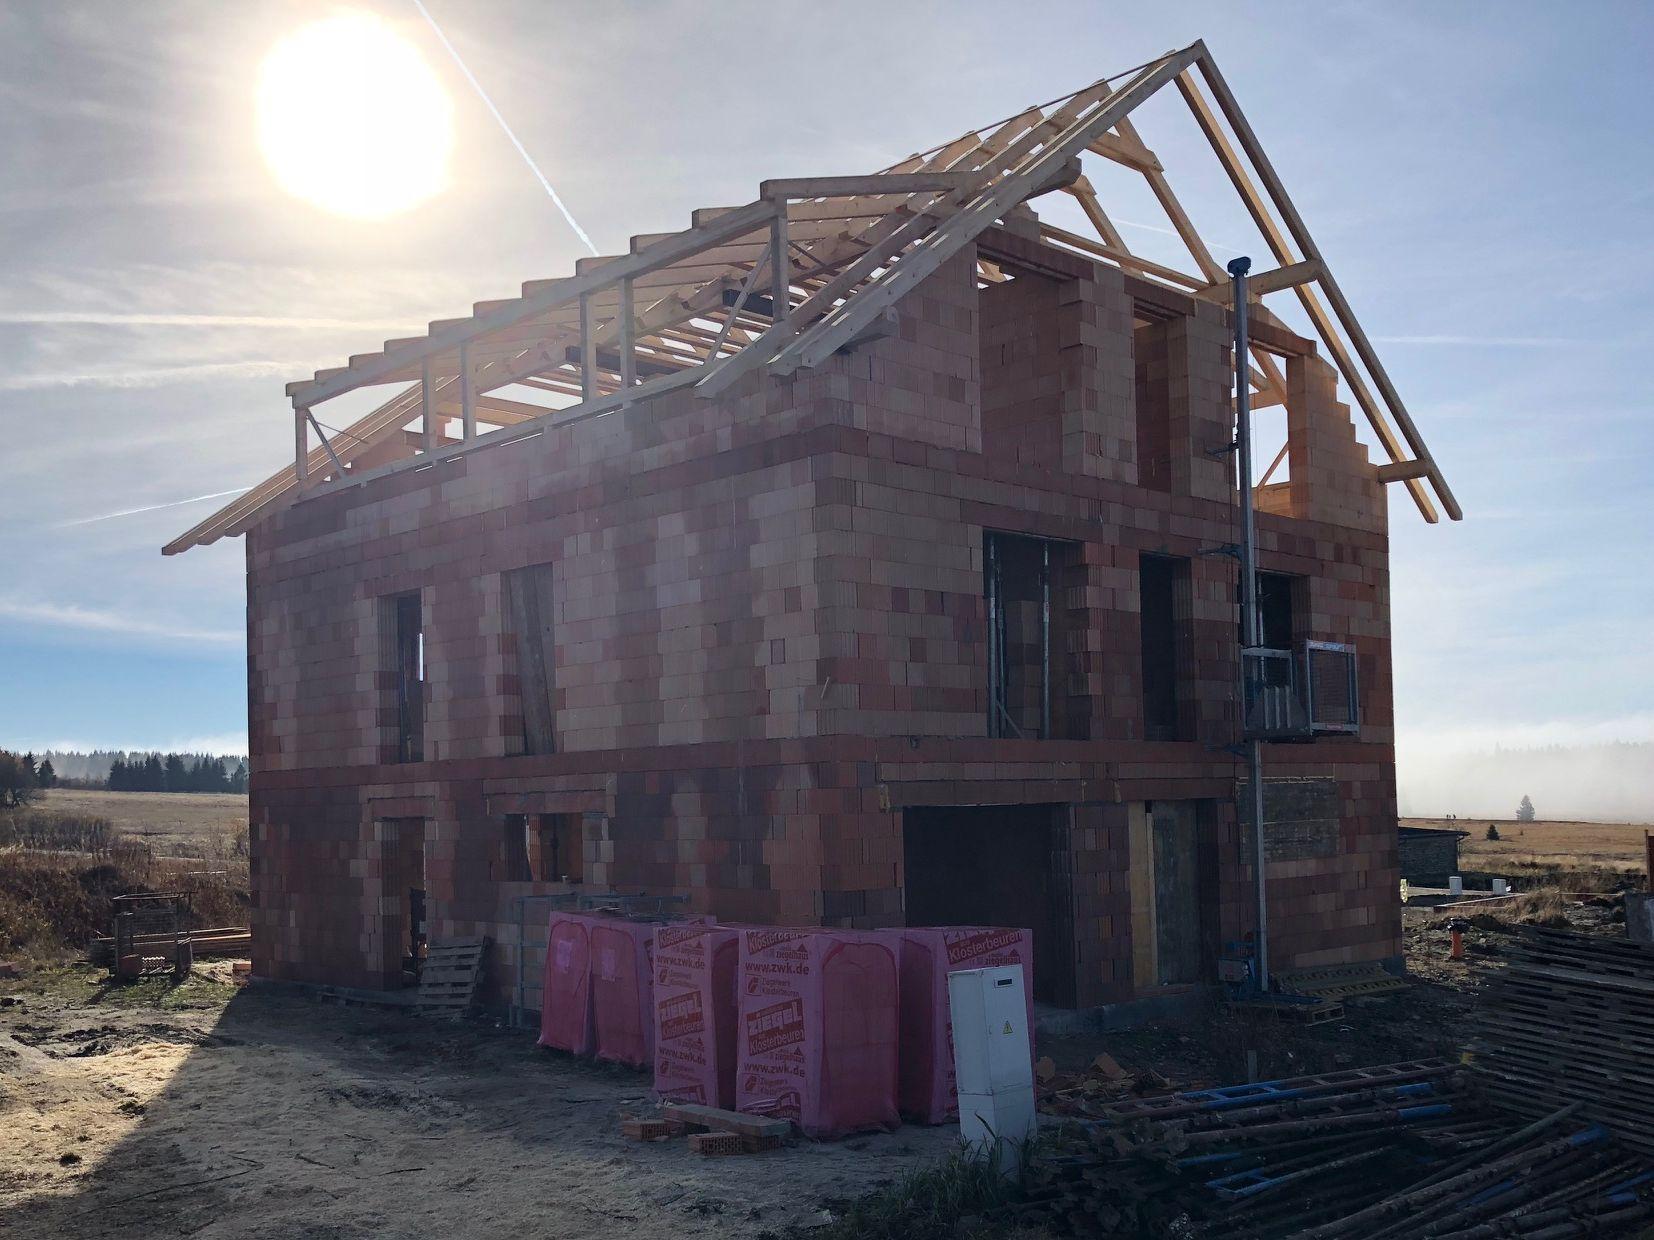 Stavba krovů pro byty na Božím Daru - listopad 2018 a ukázka krásného podzimu na horách